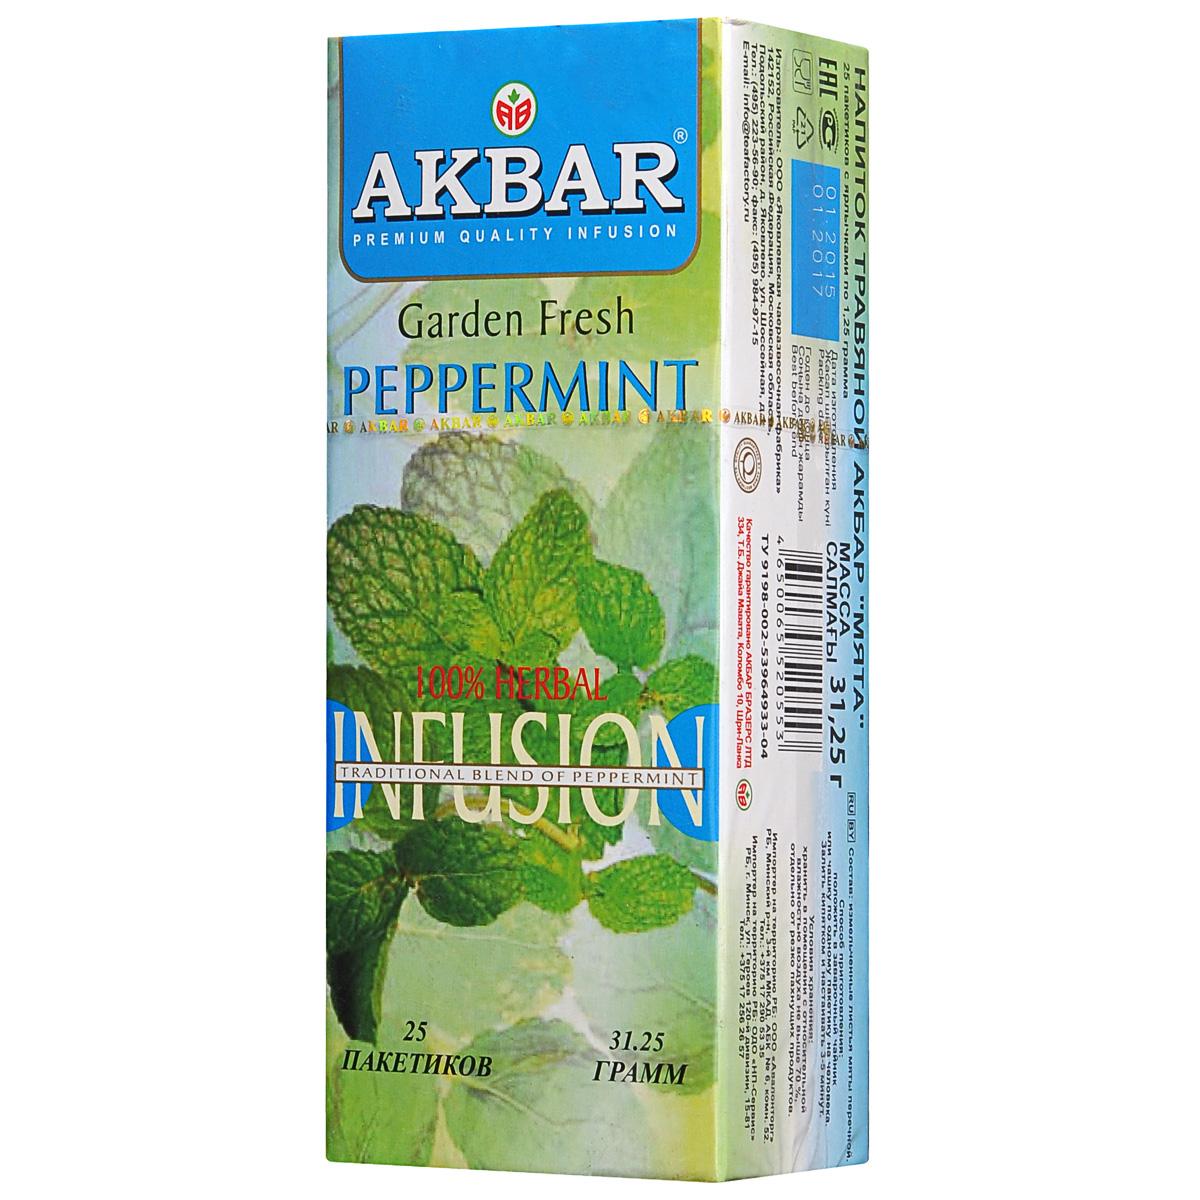 Akbar Мята травяной чай в пакетиках, 25 шт1043005Чайный напиток Akbar Мята позволит вам насладиться полной гаммойвеликолепных вкусовых ощущений и окажет благотворное влияние на состояние вашего здоровья.Содержащаяся в этом напитке мята обладает сосудорасширяющим, обезболивающим, противовоспалительным, антисептическим, успокаивающим и желчегонным действием. Она помогает при лечении воспаления верхних дыхательных путей, при бессоннице, невралгии, мигрени, а также улучшает пищеварение.